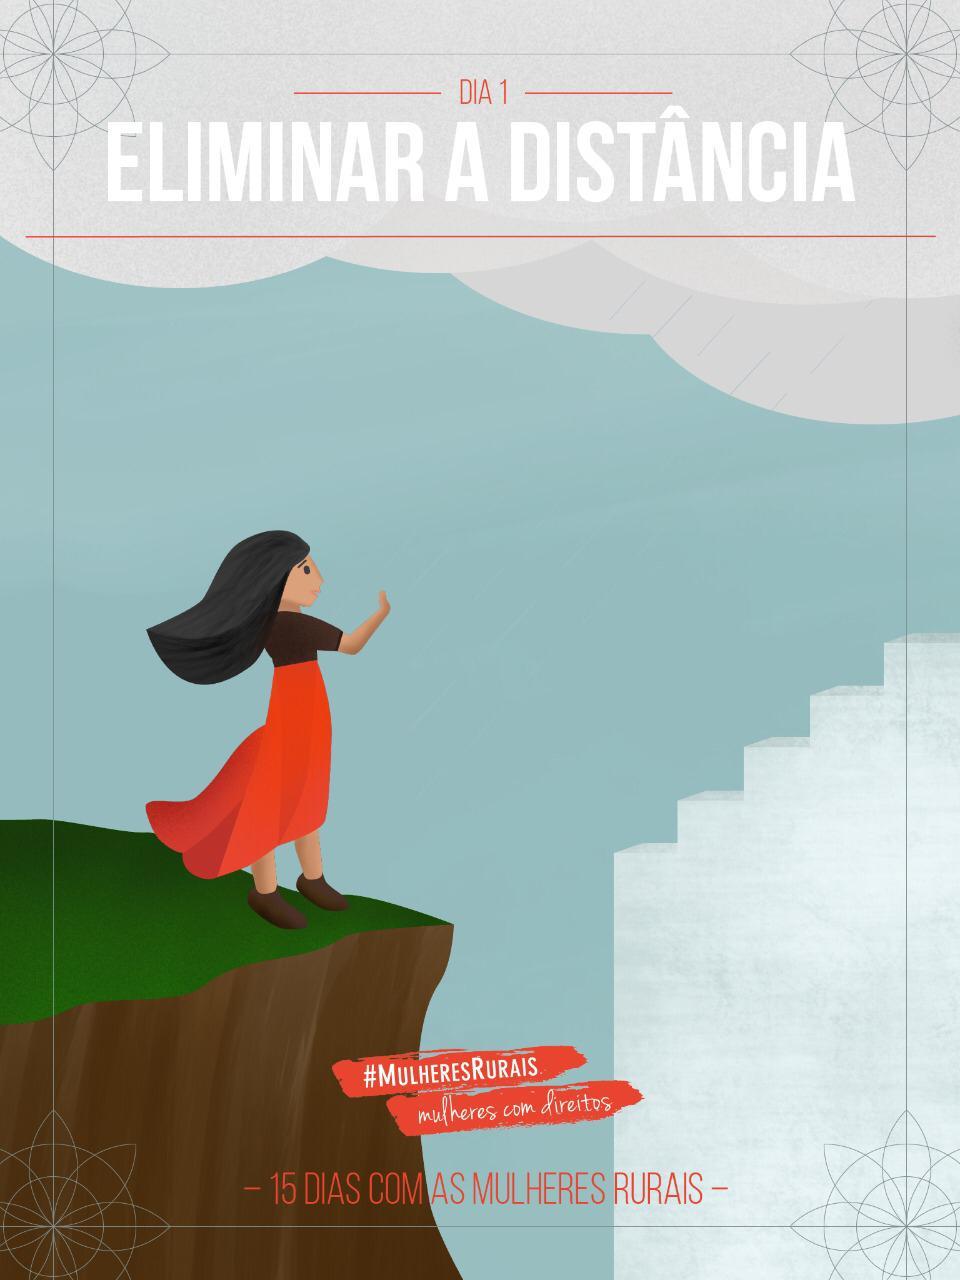 Campanha Regional promove 15 dias de mobilização pelos direitos das mulheres do campo/mulheres rurais meninas igualdade de genero empoderamento economico direitosdasmulheres cidade 50 50 brasil5050 brasil 50 50